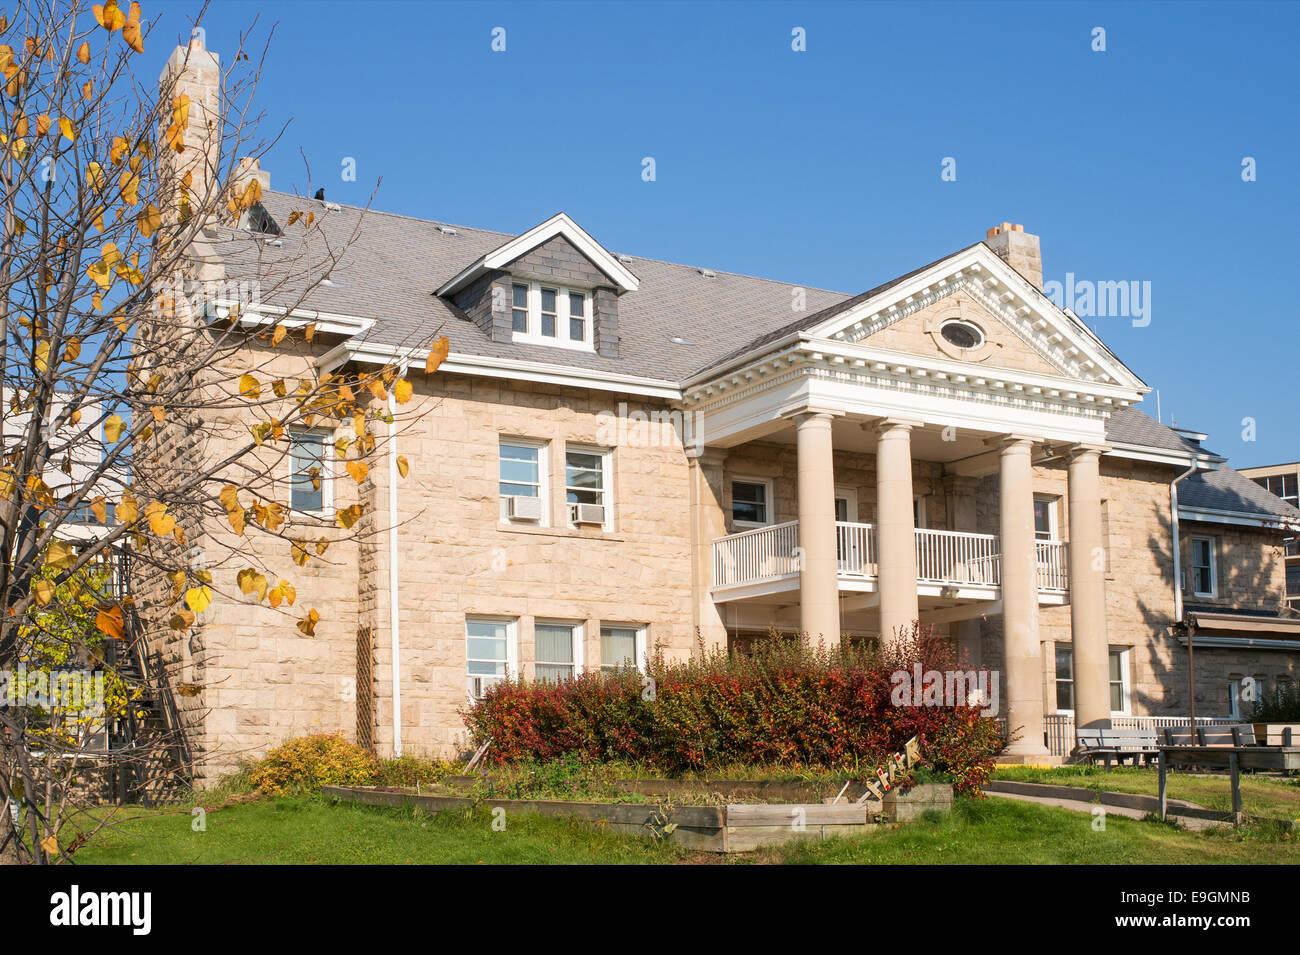 St. Joseph's Manor House, Thunder Bay, Ontario, Canada Stock Photo